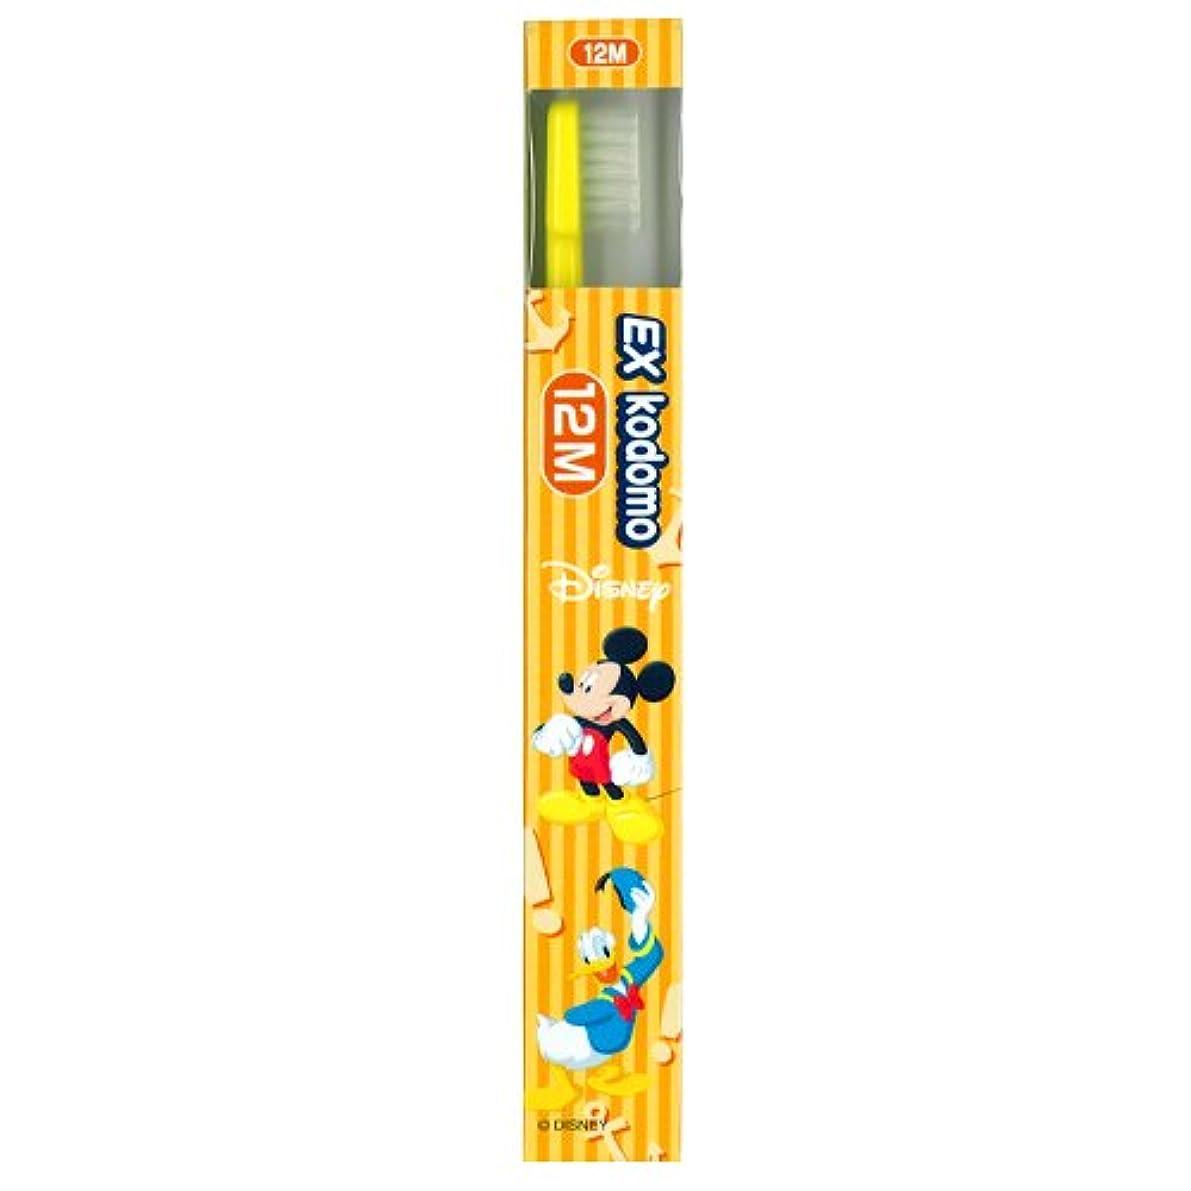 リブ男らしい使用法ライオン EX kodomo ディズニー 歯ブラシ 1本 12M イエロー